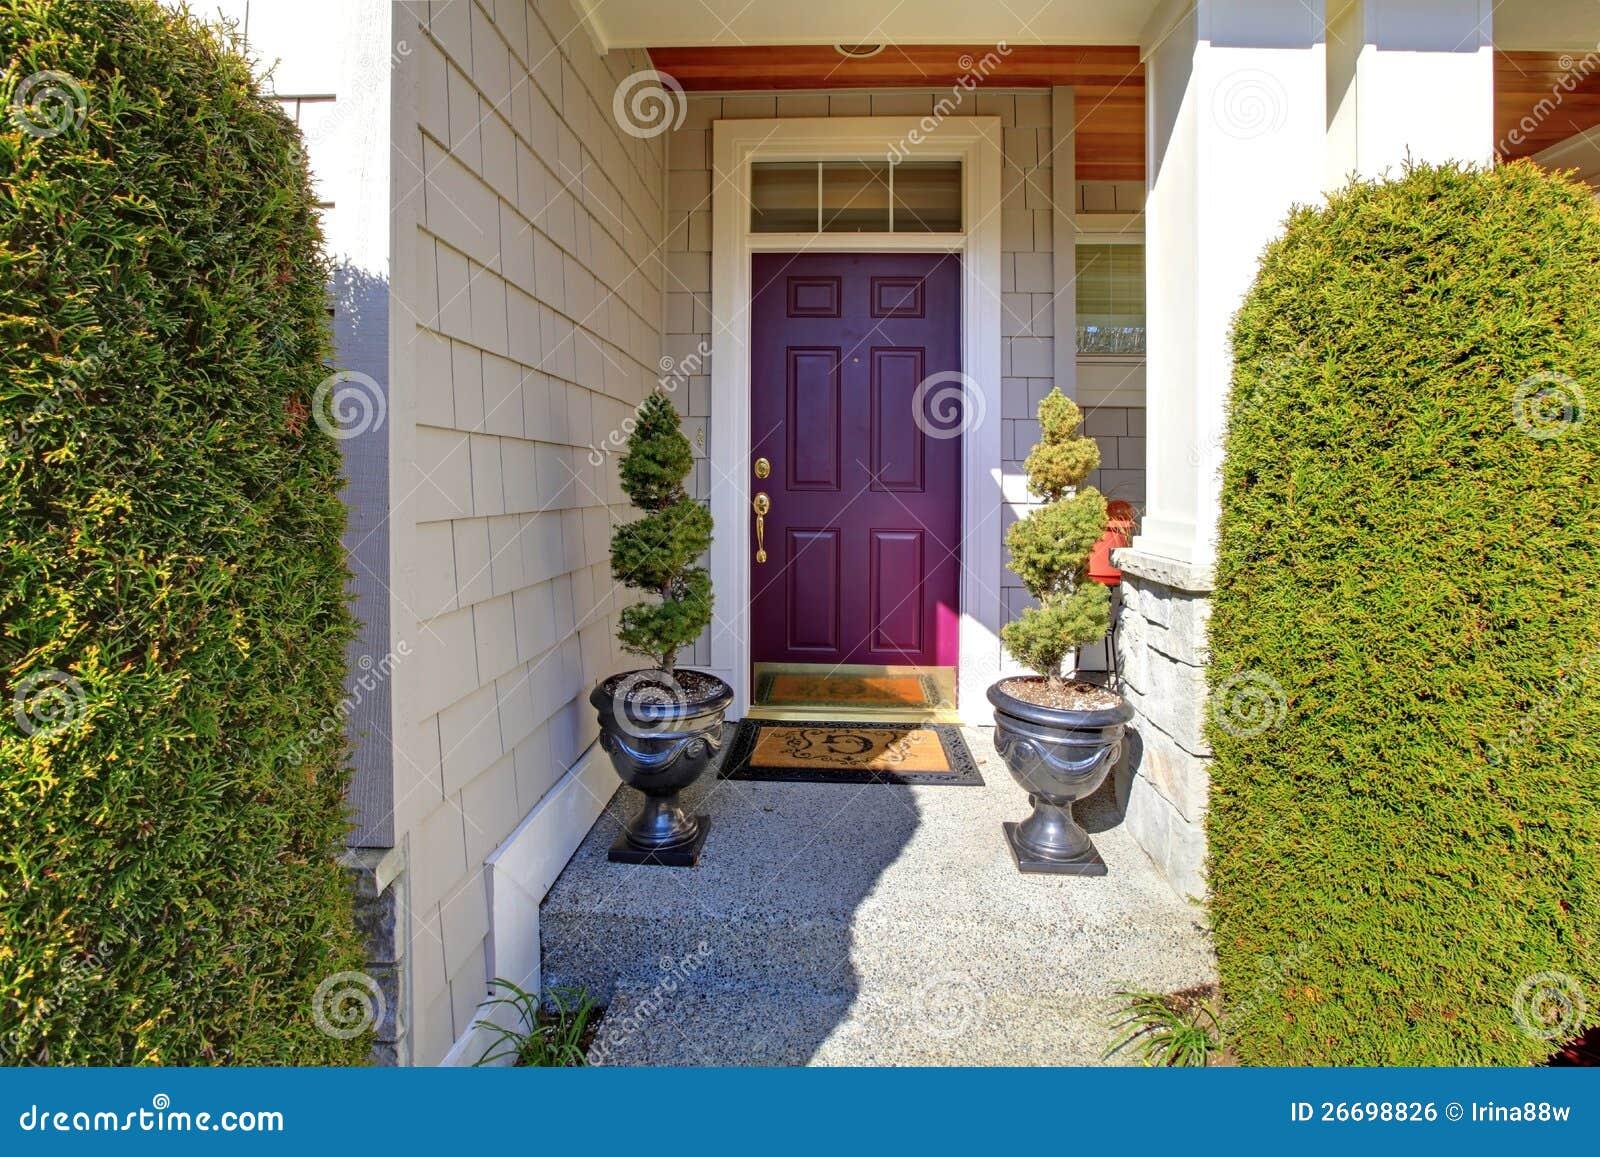 Front Door In Purple Plum Color Stock Photo Image Of Steps